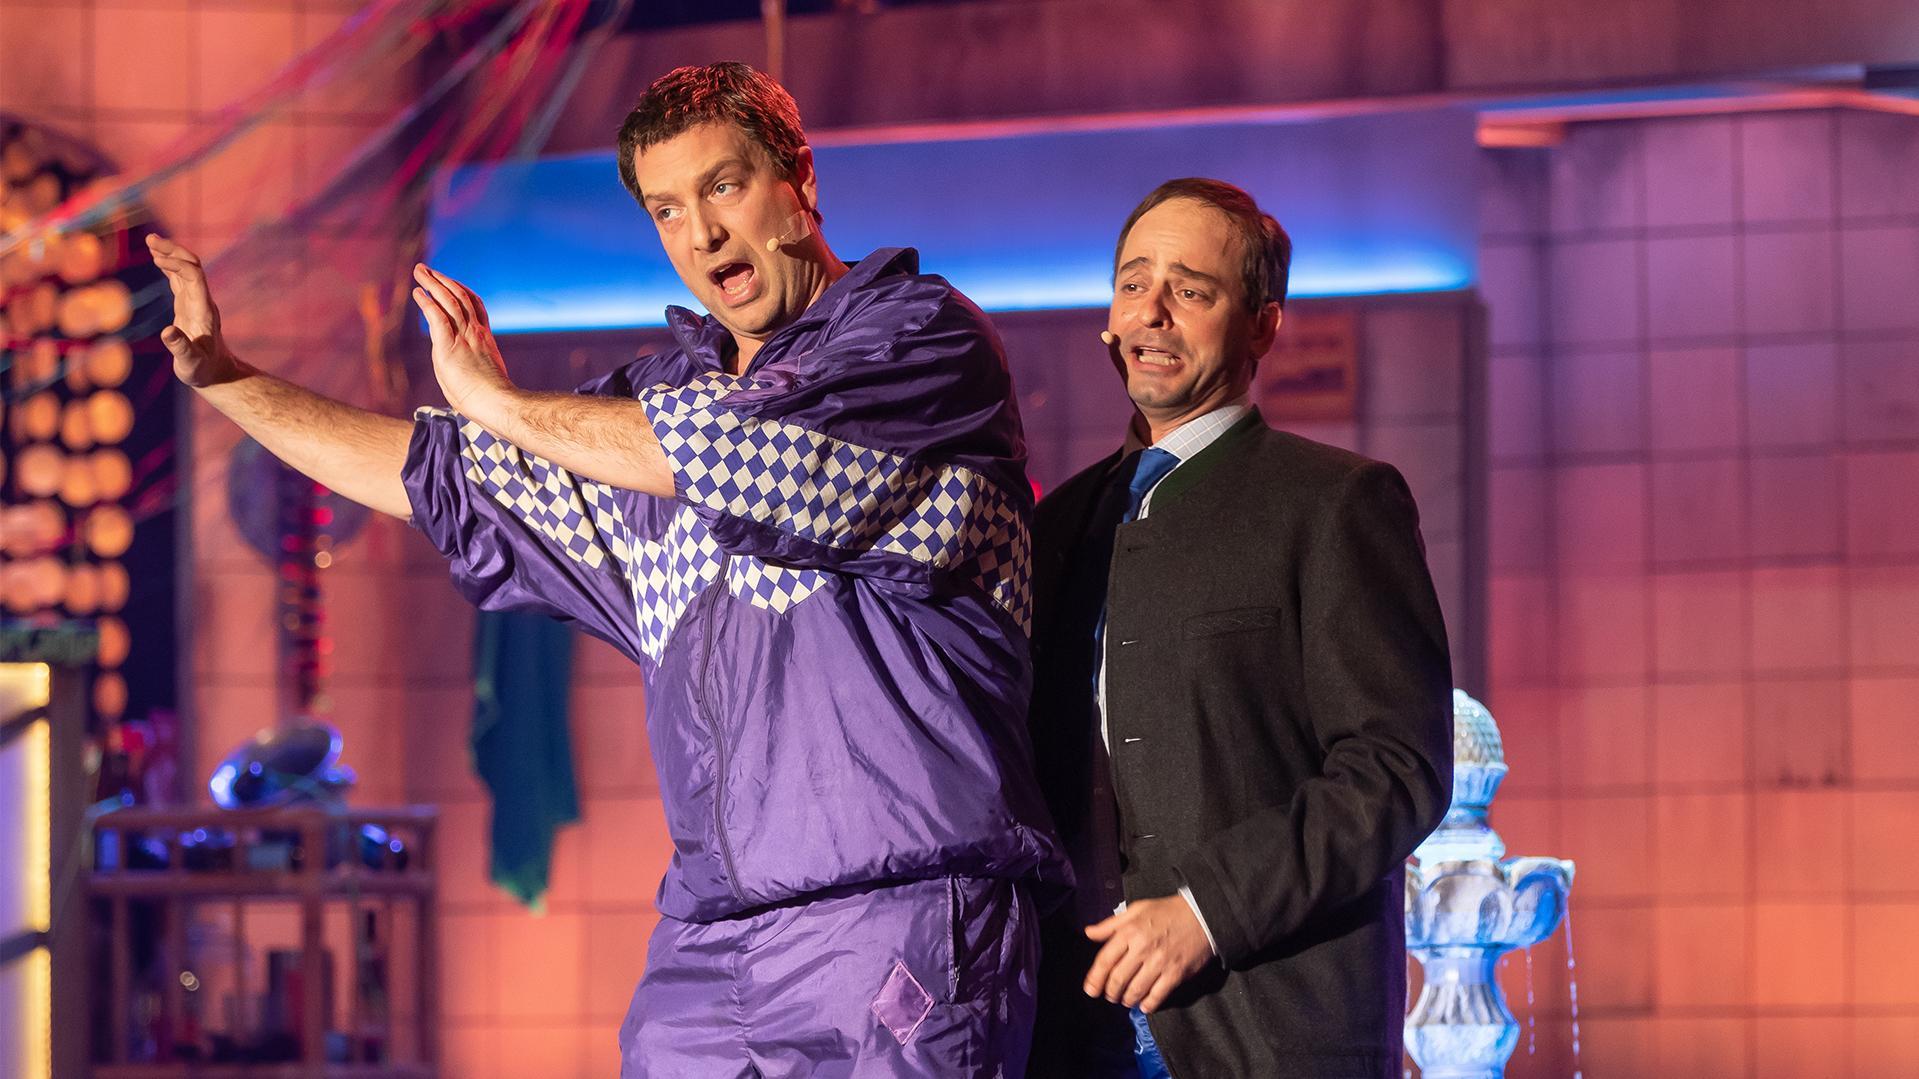 Bei der Probe fürs Singspiel 2019: Stephan Zinner als Ministerpräsident Markus Söder und Florian Fischer als Hubert Aiwanger.